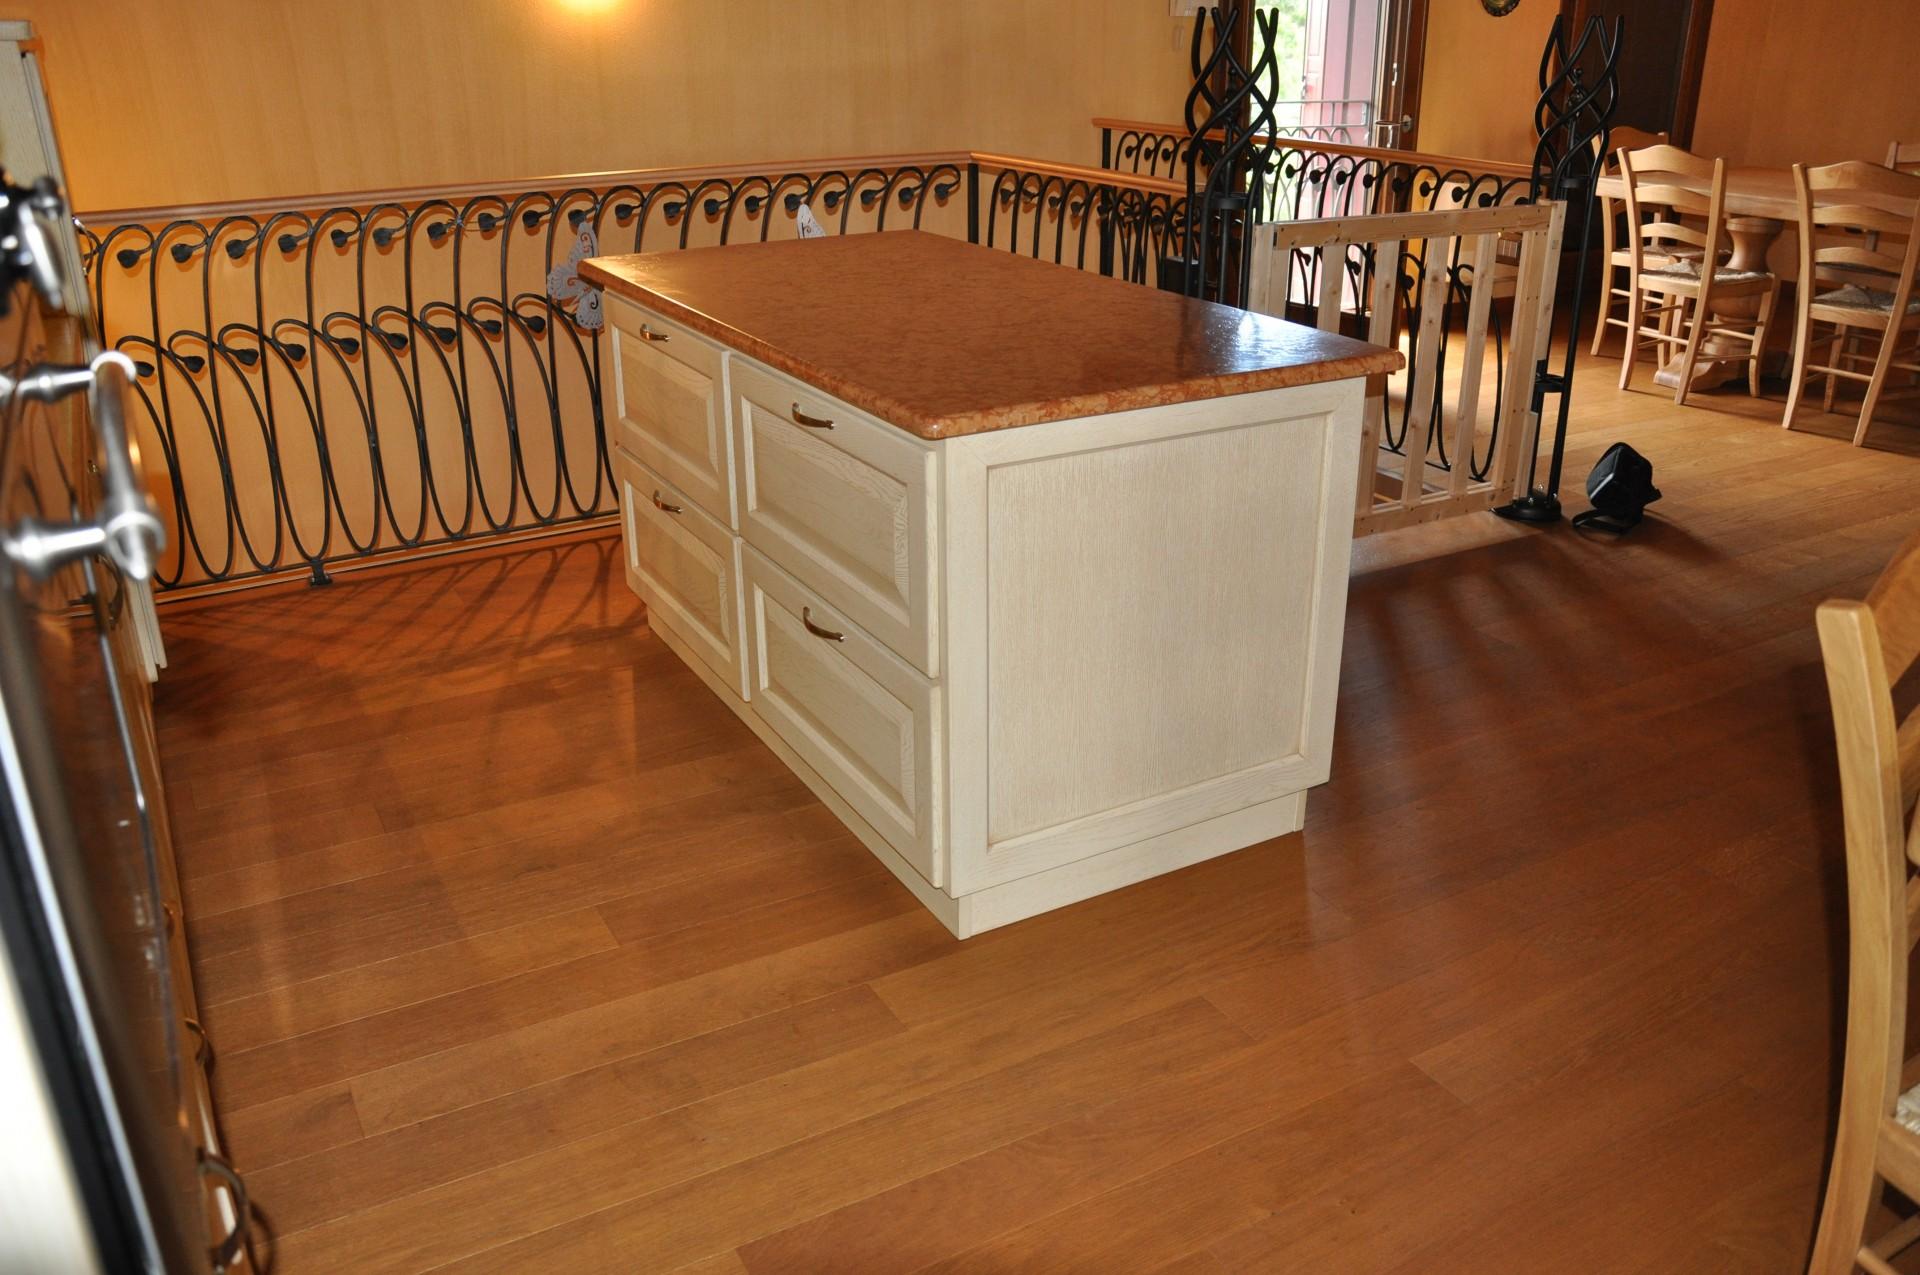 Banconi e isole per cucina fadini mobili cerea verona - Mobile con cassetti per cucina ...